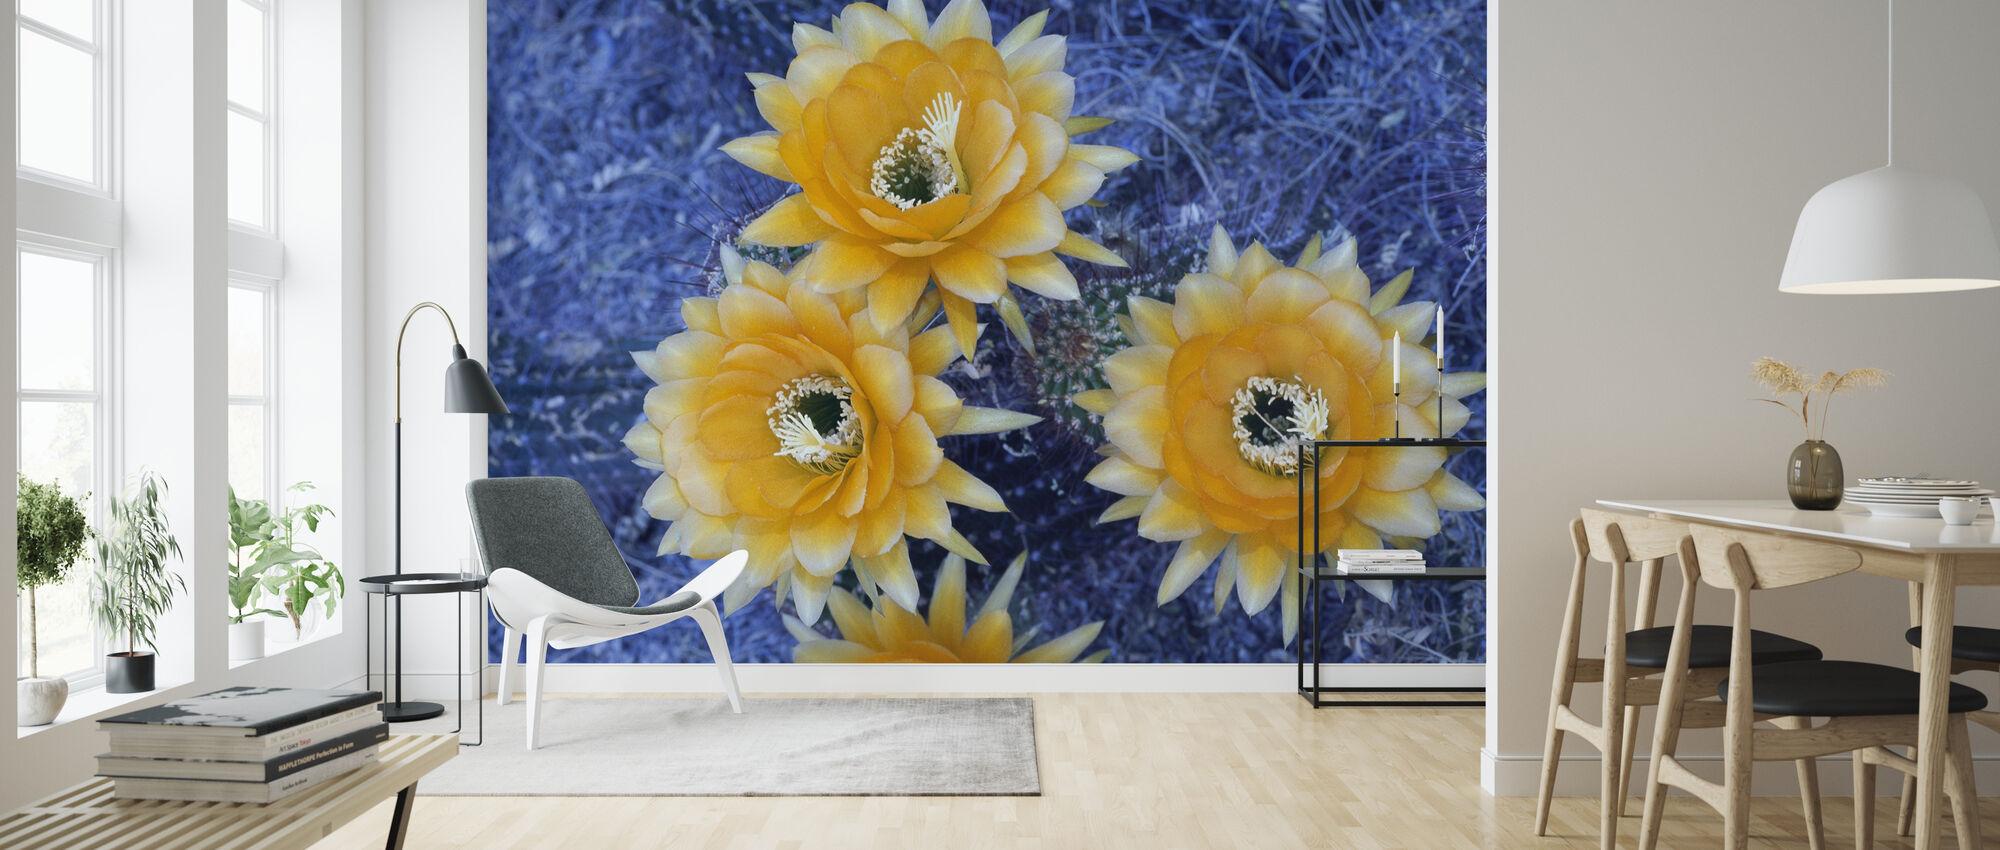 Bloeiende Trichocereus Cactus - Behang - Woonkamer